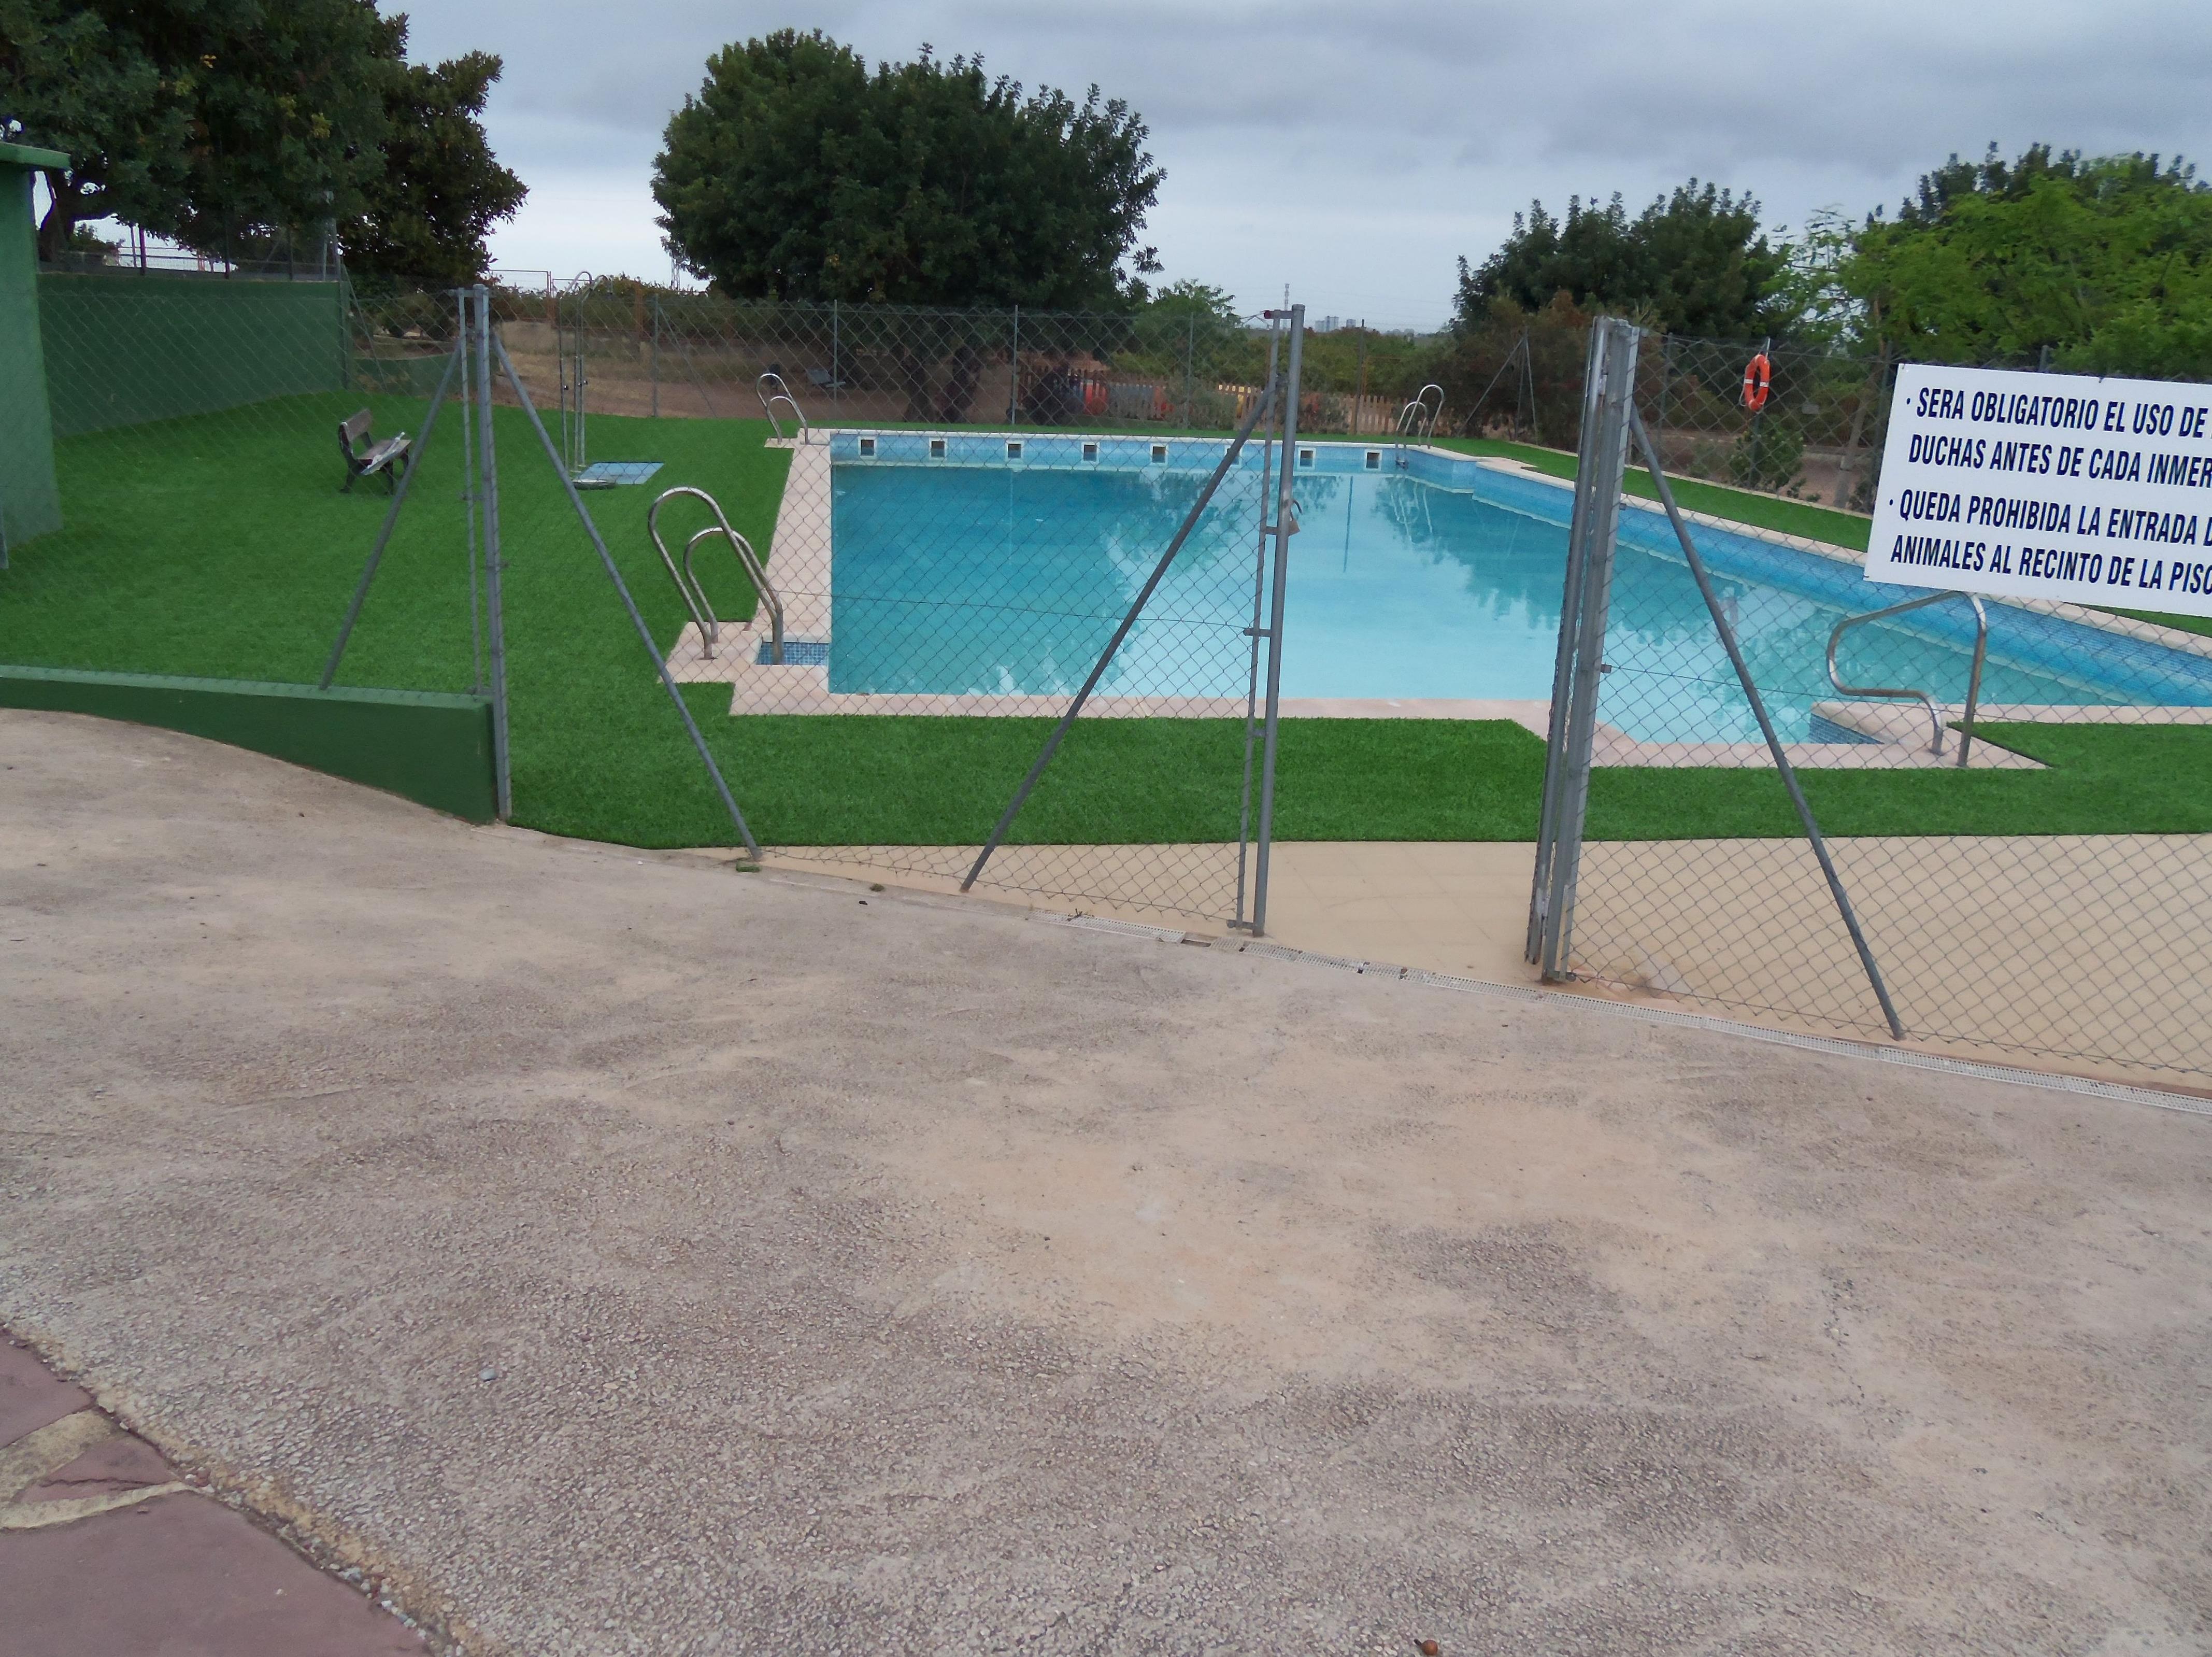 Proyecto Ches Pa piscina Colegio Alfinach - Déspues........